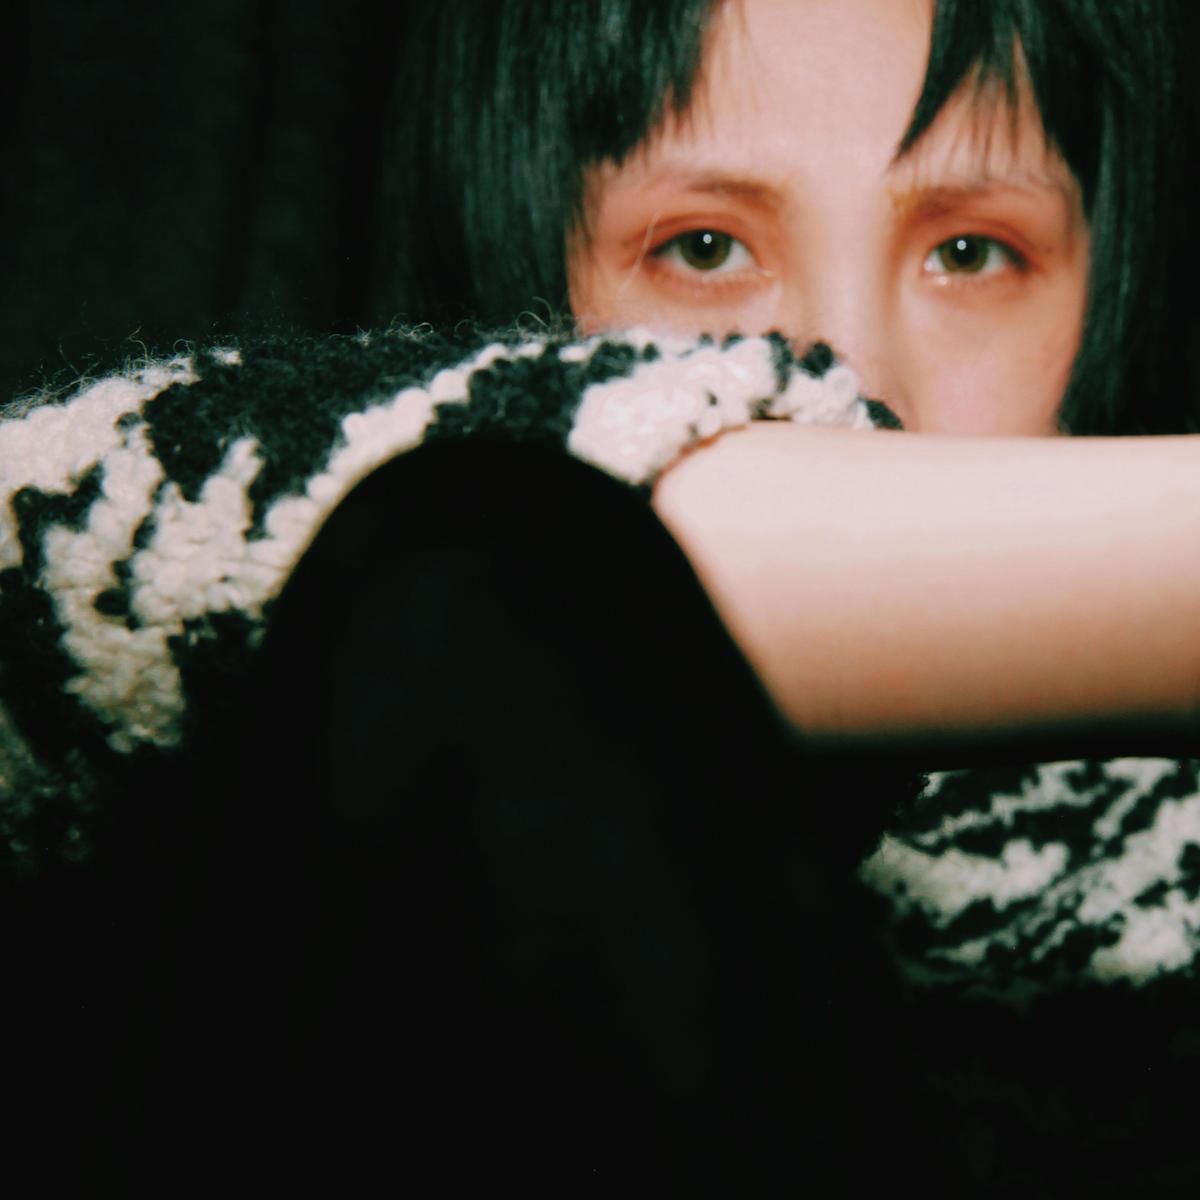 魏如萱(娃娃)上一張專輯《末路狂花》已被業界視為生涯顛峰之作,此次拿出更上一層樓的作品《藏著並不等於遺忘》,讓人驚艷。(好多音樂提供)